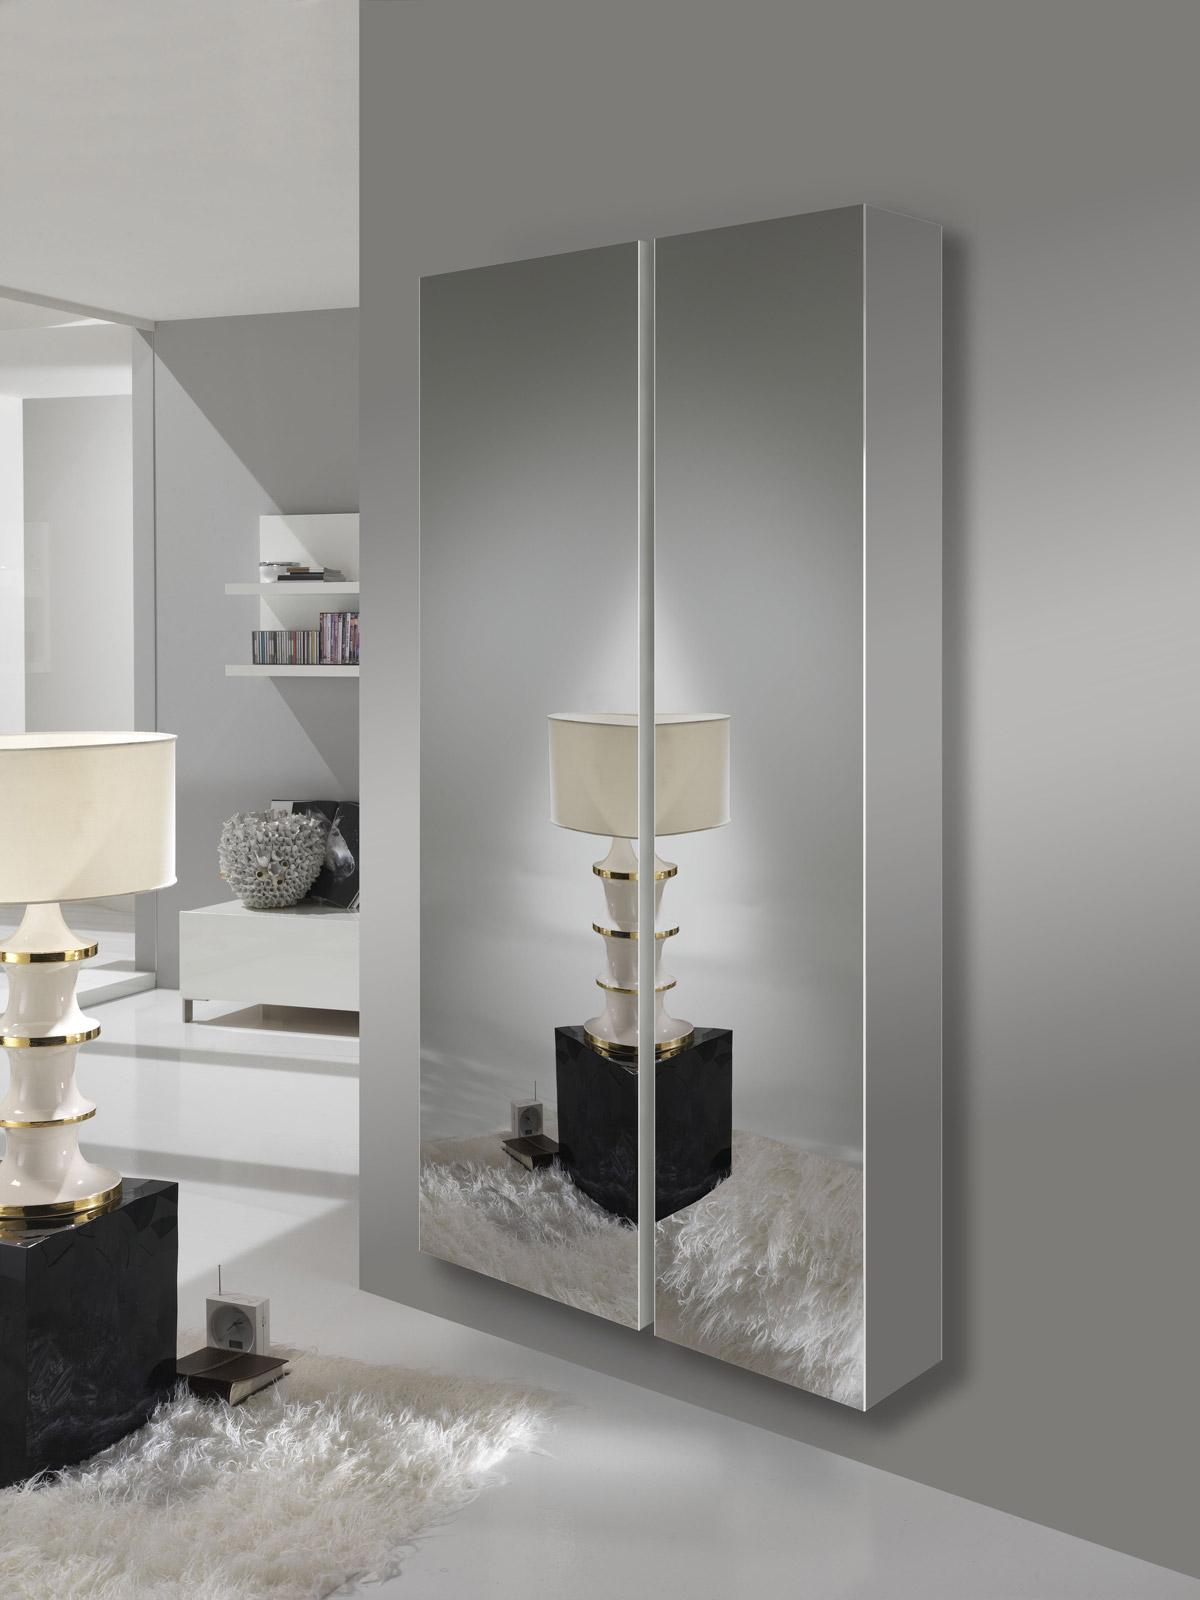 Mirror esalinea fratantoni arredamenti rieti - Mobili a specchio ...